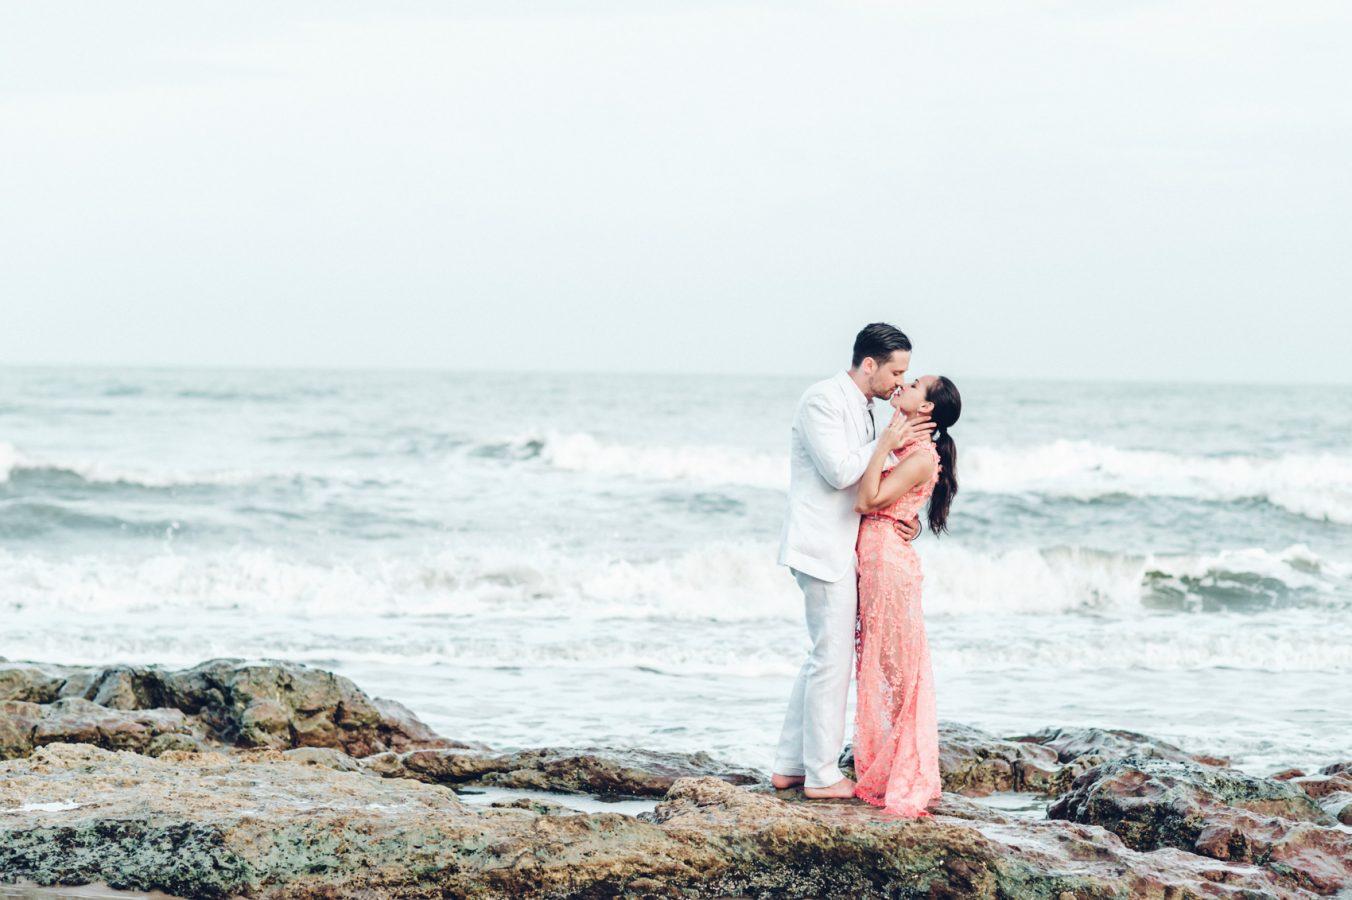 Fotos HochzeitsreportagenFotoskreativ wedding bohemian hochzeitsfotos 12